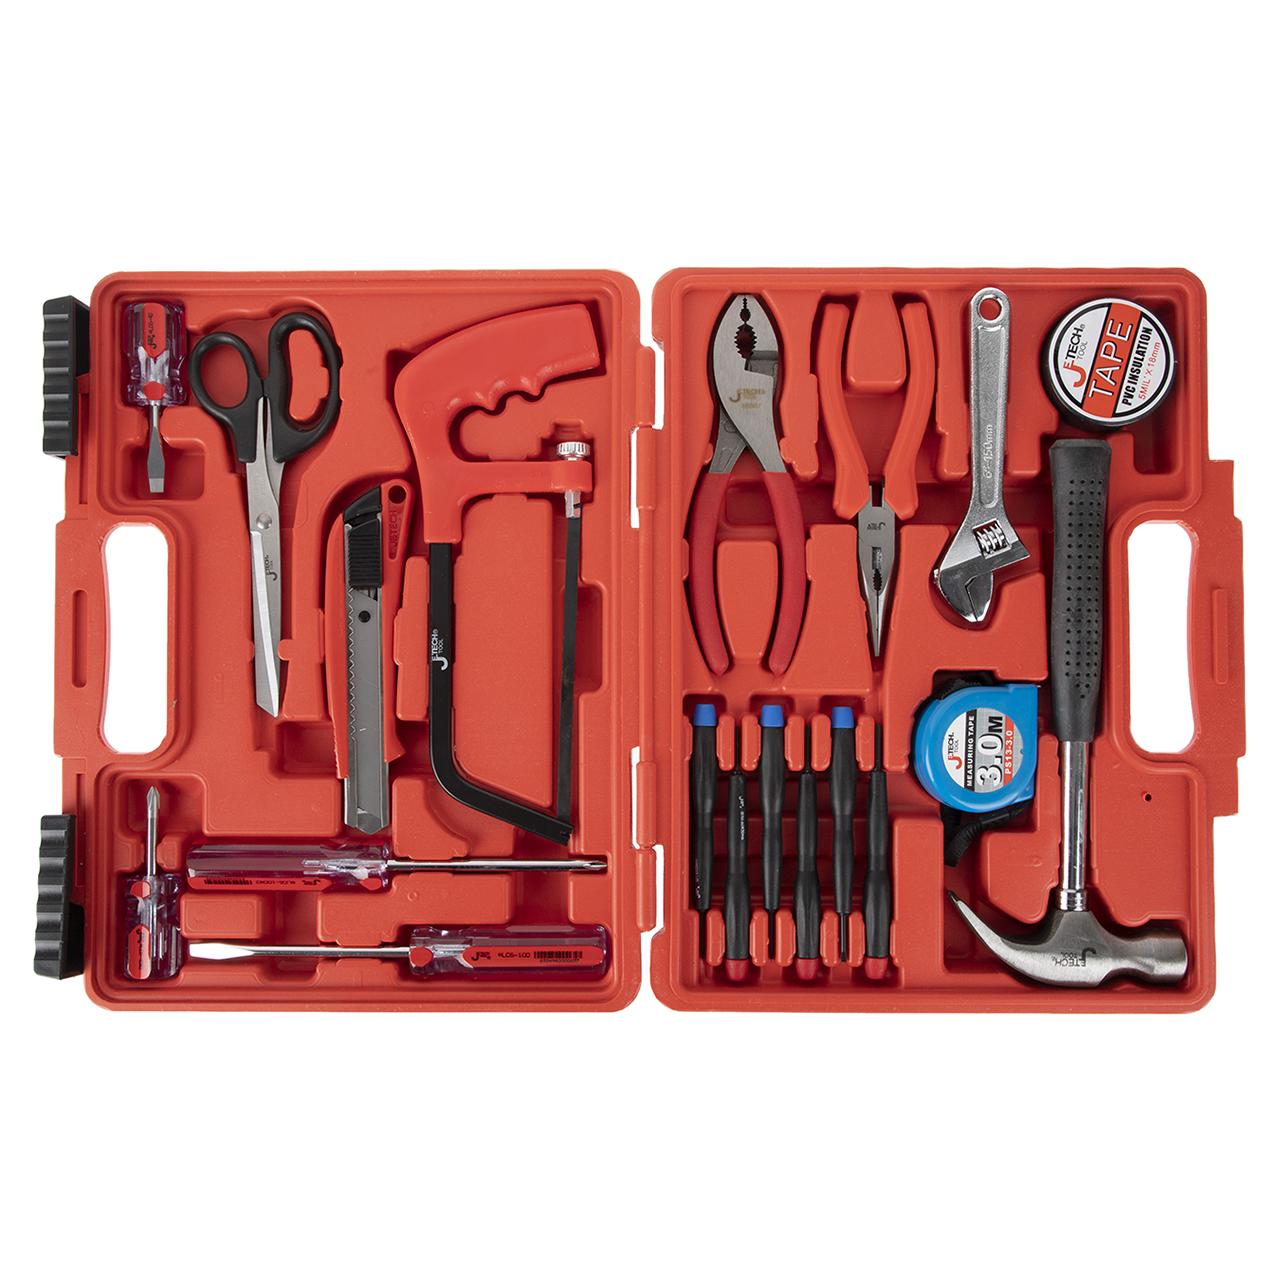 مجموعه 19 عددی ابزار جتک مدل JEB-F19 thumb